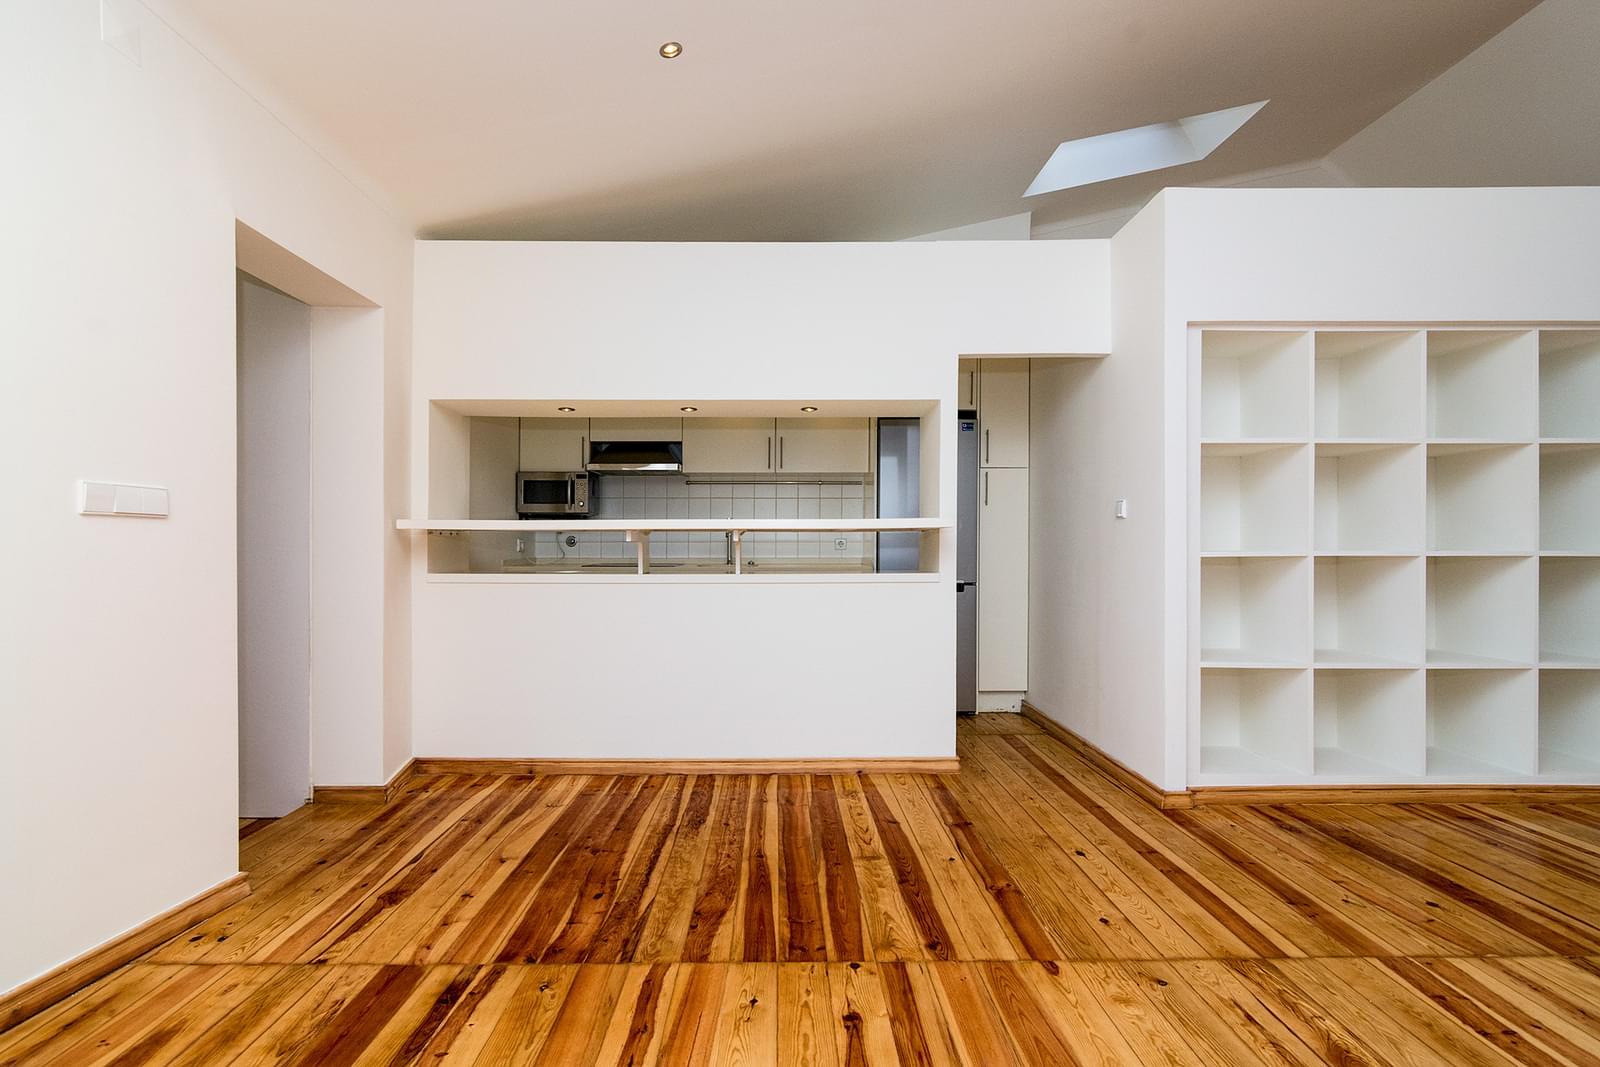 pf17176-apartamento-t0-lisboa-64121d50-aaec-4f57-86fa-495cc1877b29